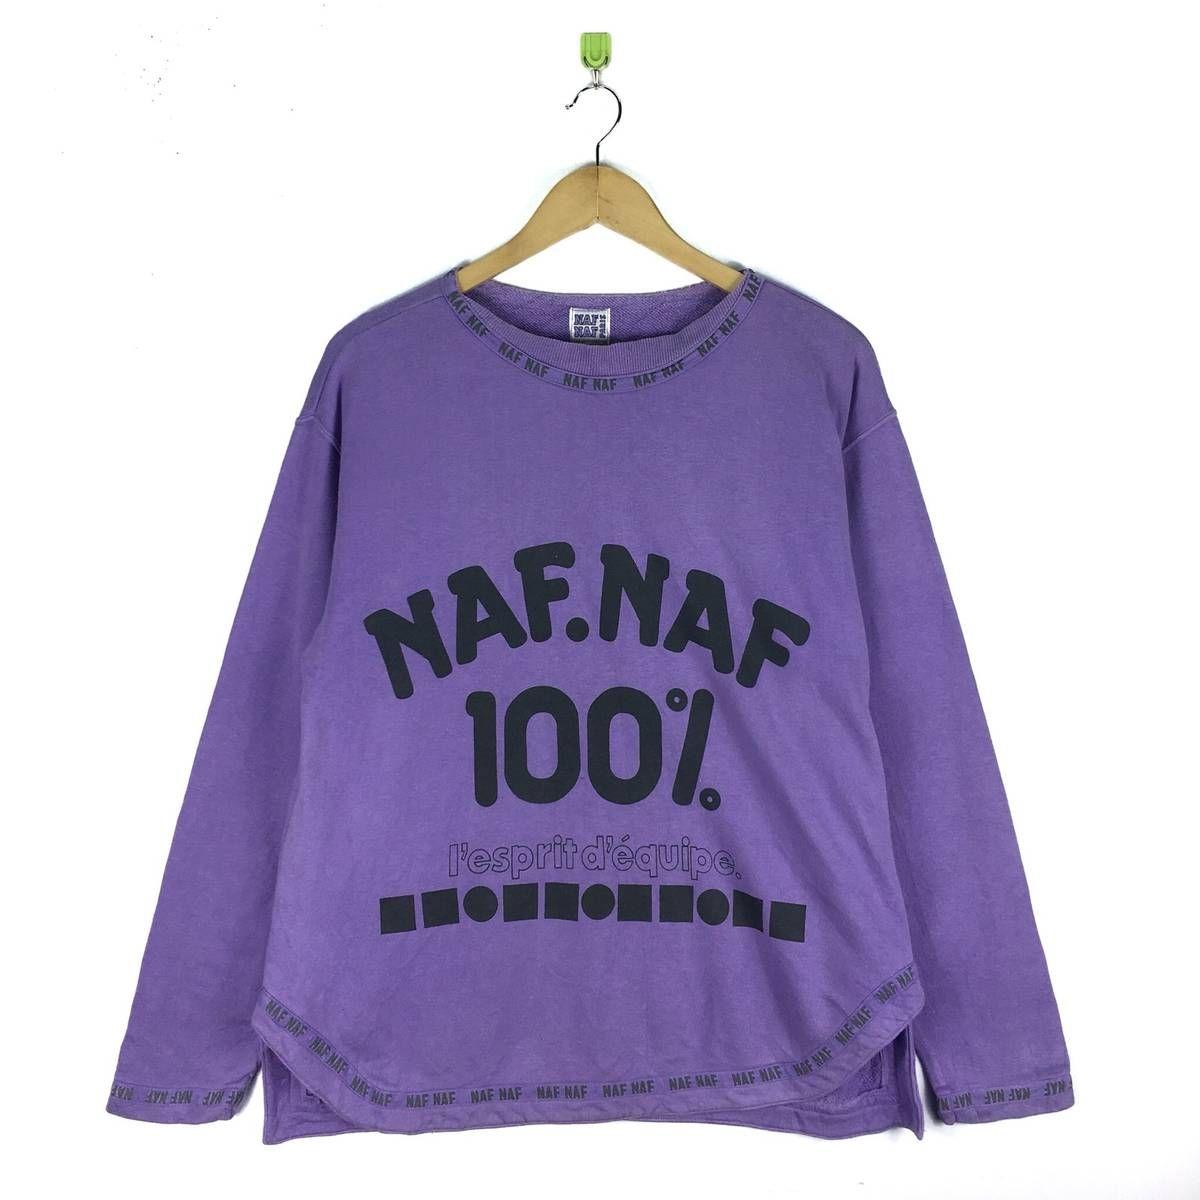 Naf Naf Paris Pullover Hoodie!